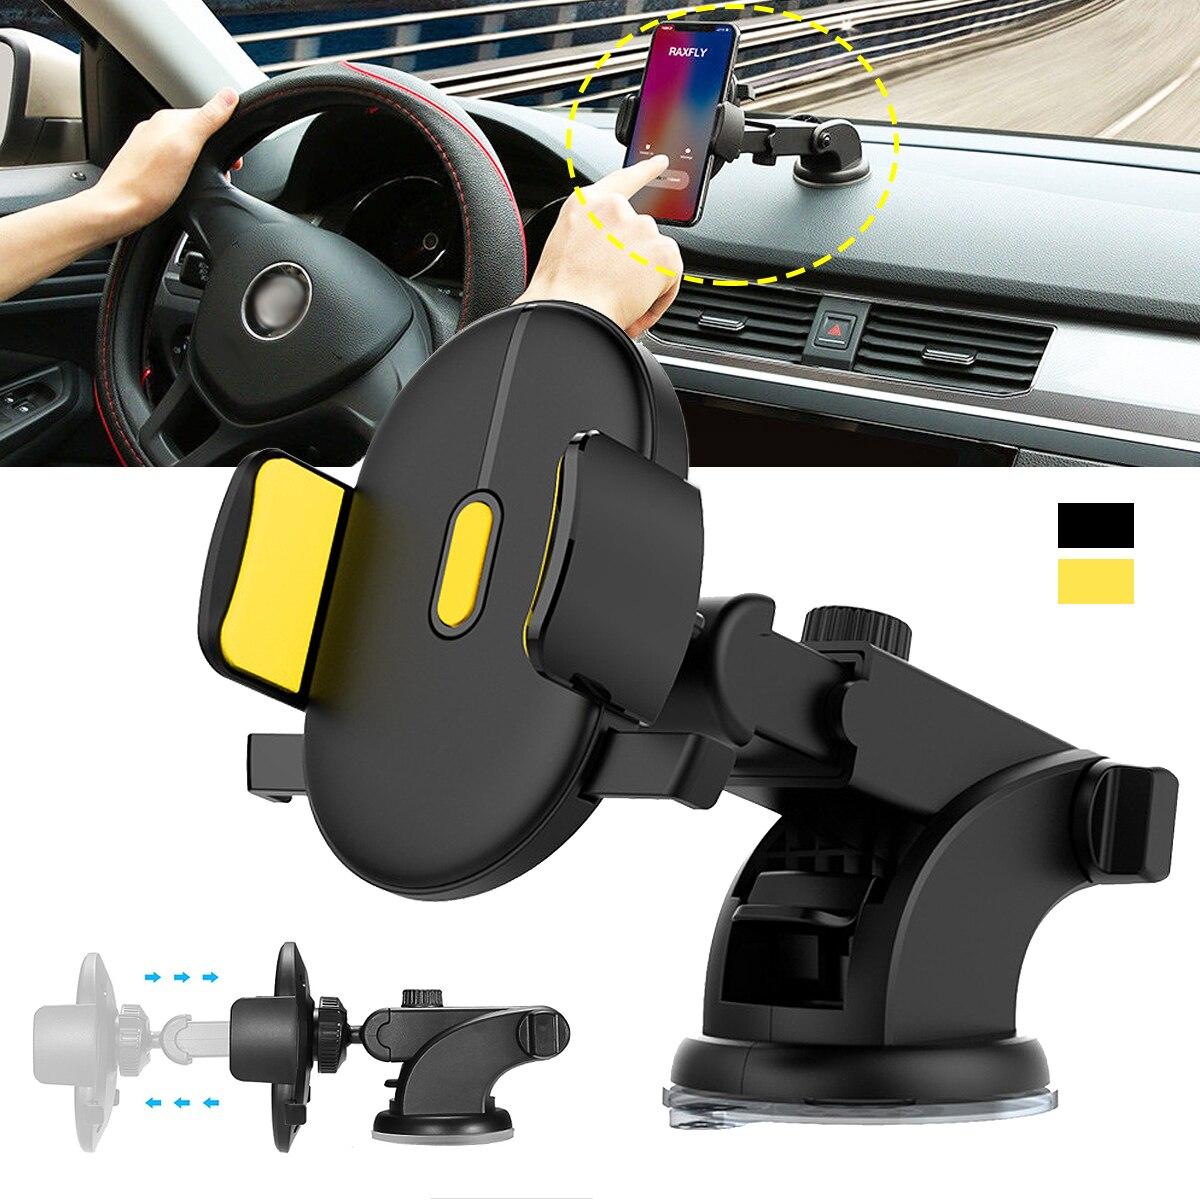 Car Phone Holder Parabrezza Staffa di Montaggio per Xiaomi Co-pilota Del Telefono Del Basamento di Sostegno Del Supporto da Auto per iPhone X Xs max Freeshipping